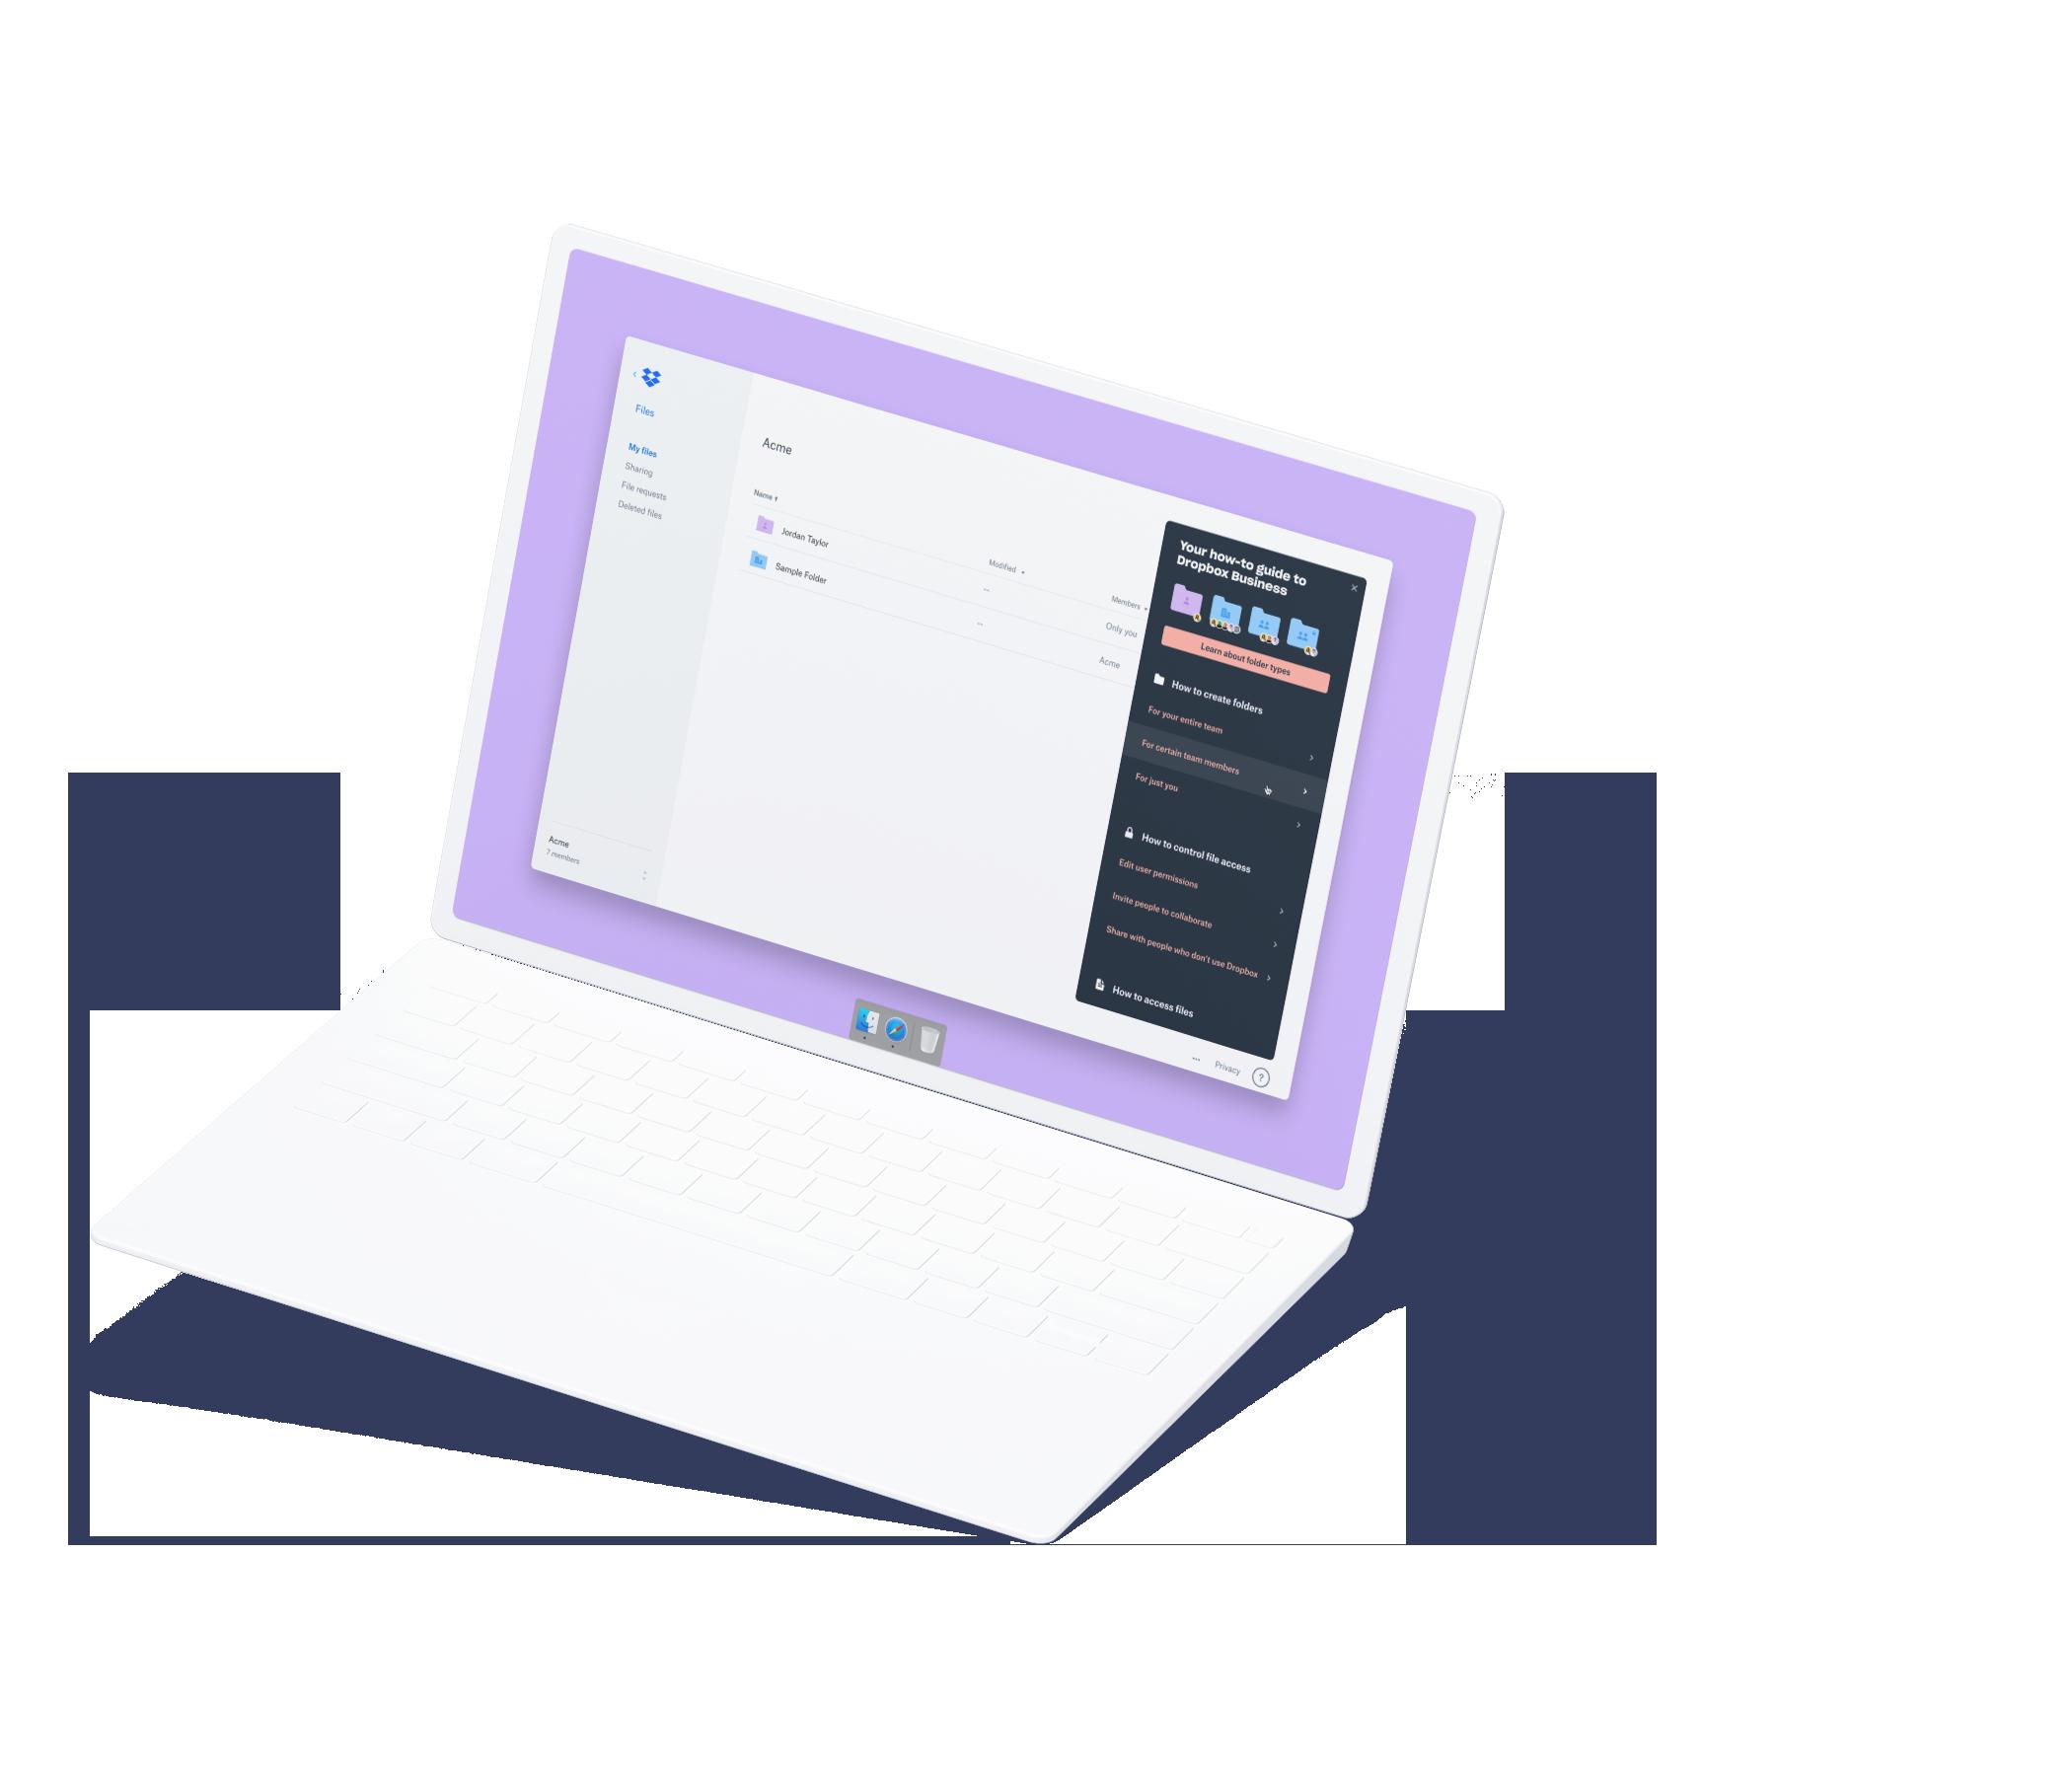 Laptop mockup showing In-App Education Module